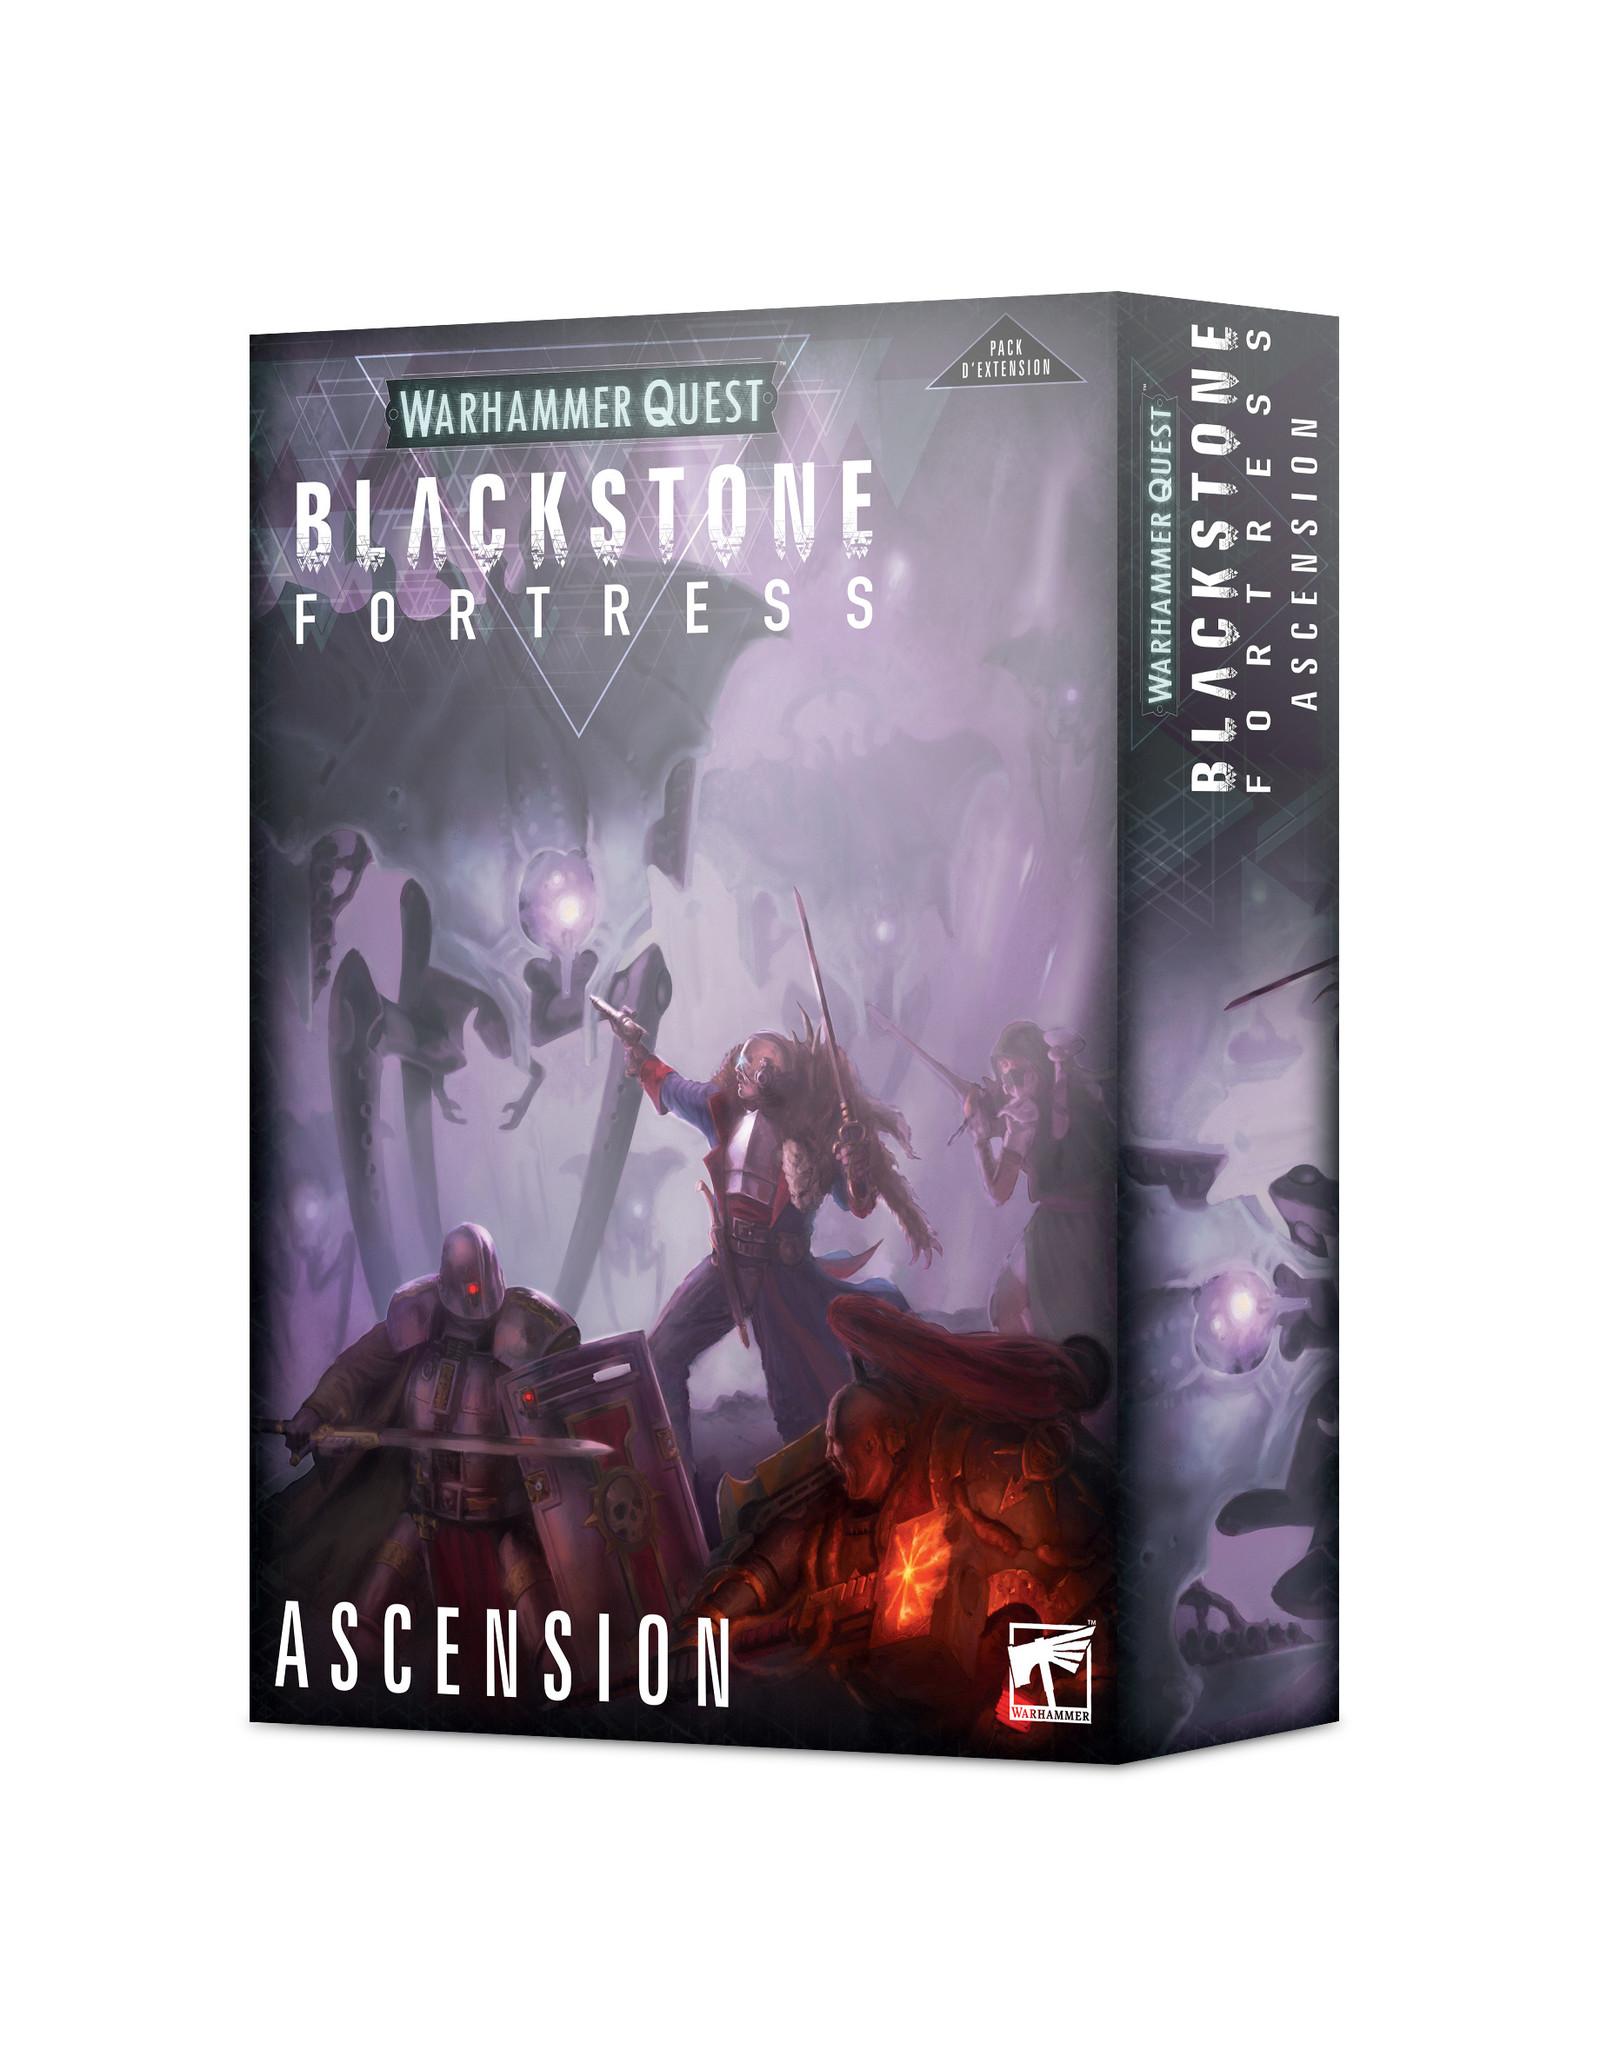 Blackstone Fortress - Ascension